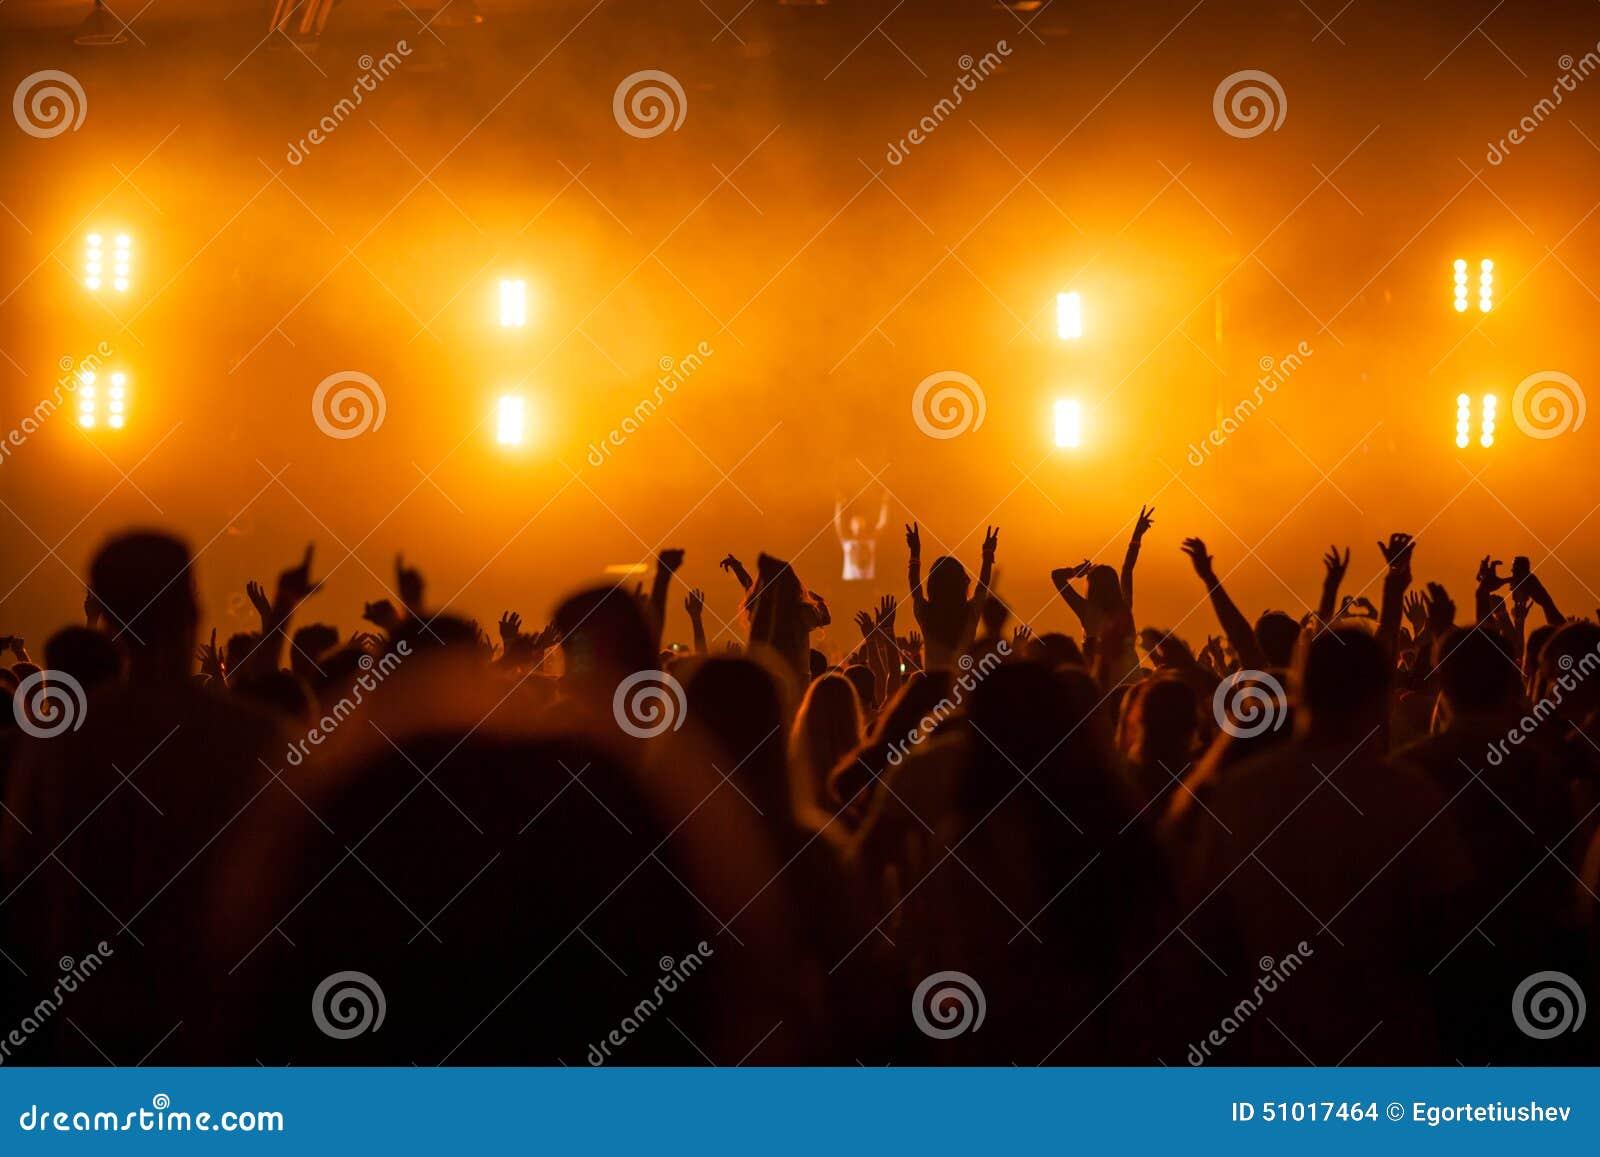 Τα χέρια των ανθρώπων στη συναυλία του DJ